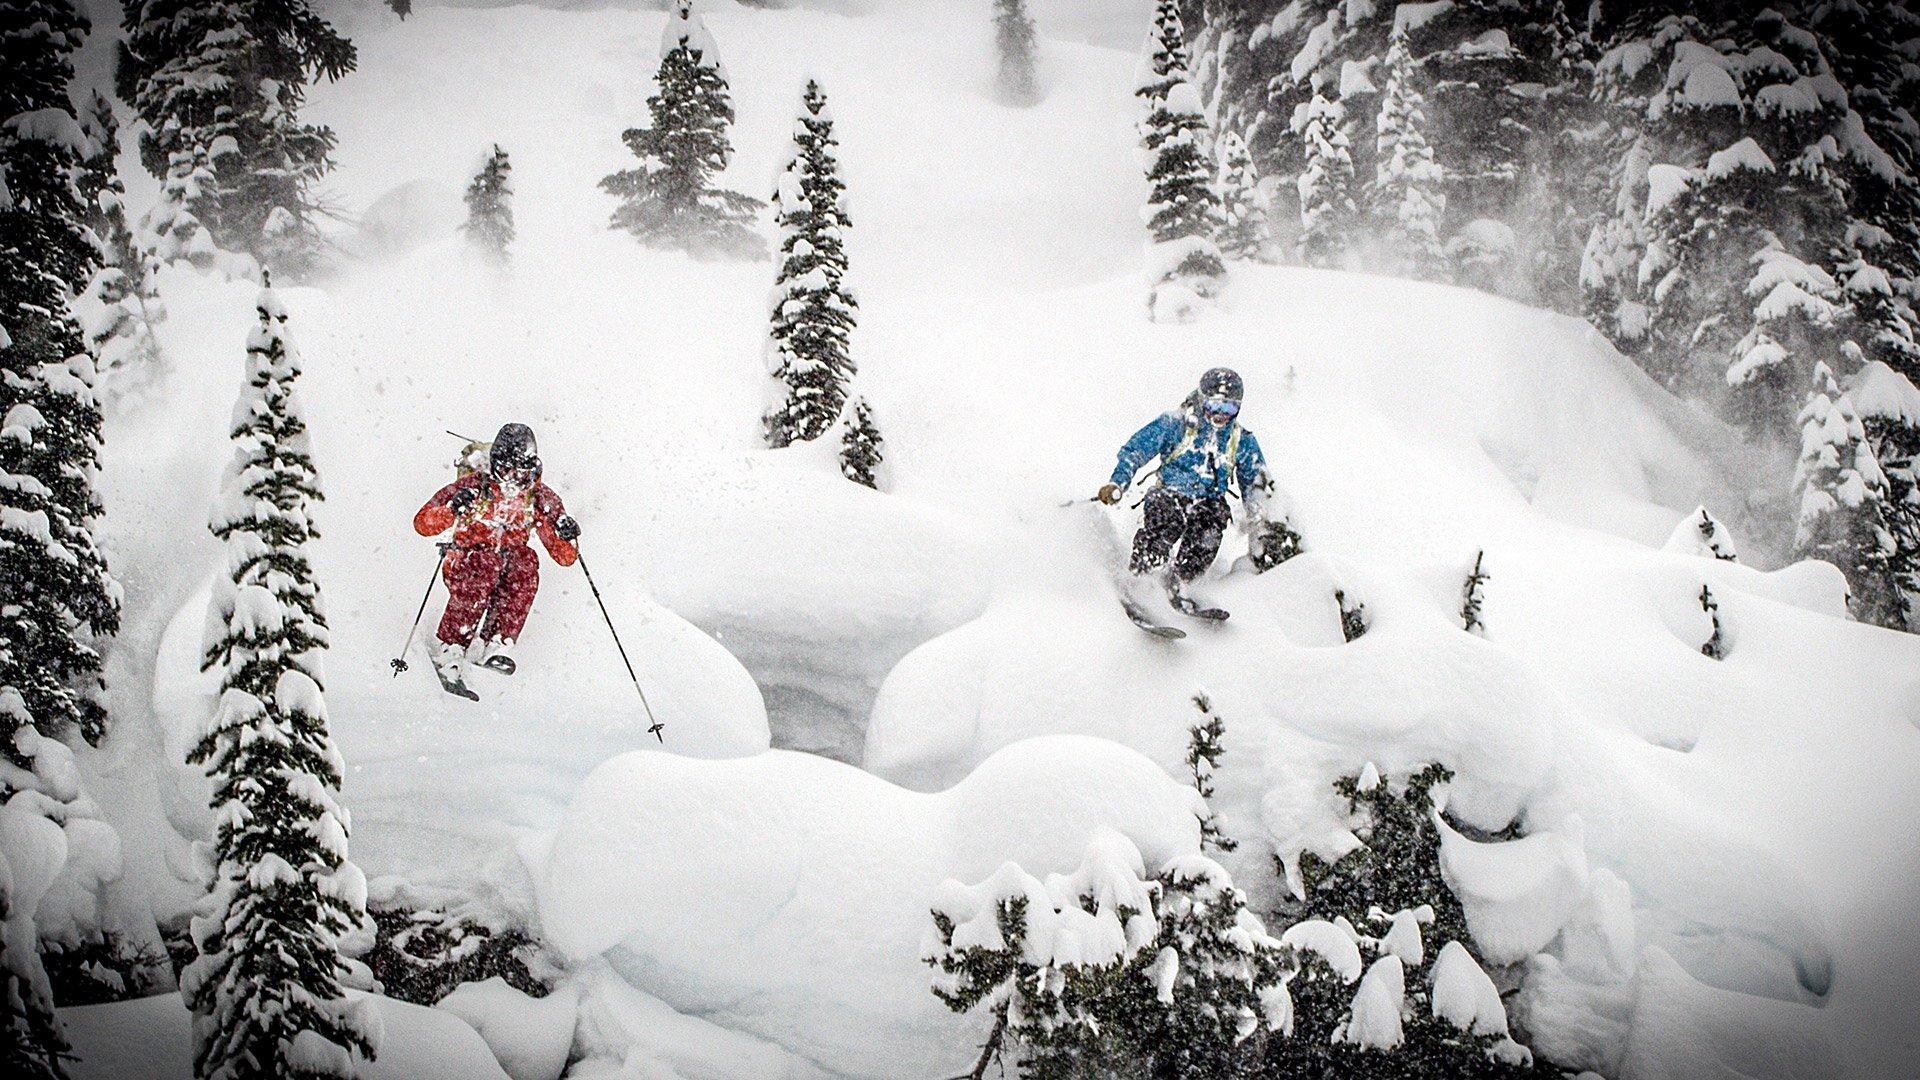 VIMFF Fall 2018 arcteryx ski show fall 2018 title bg 1920x1080